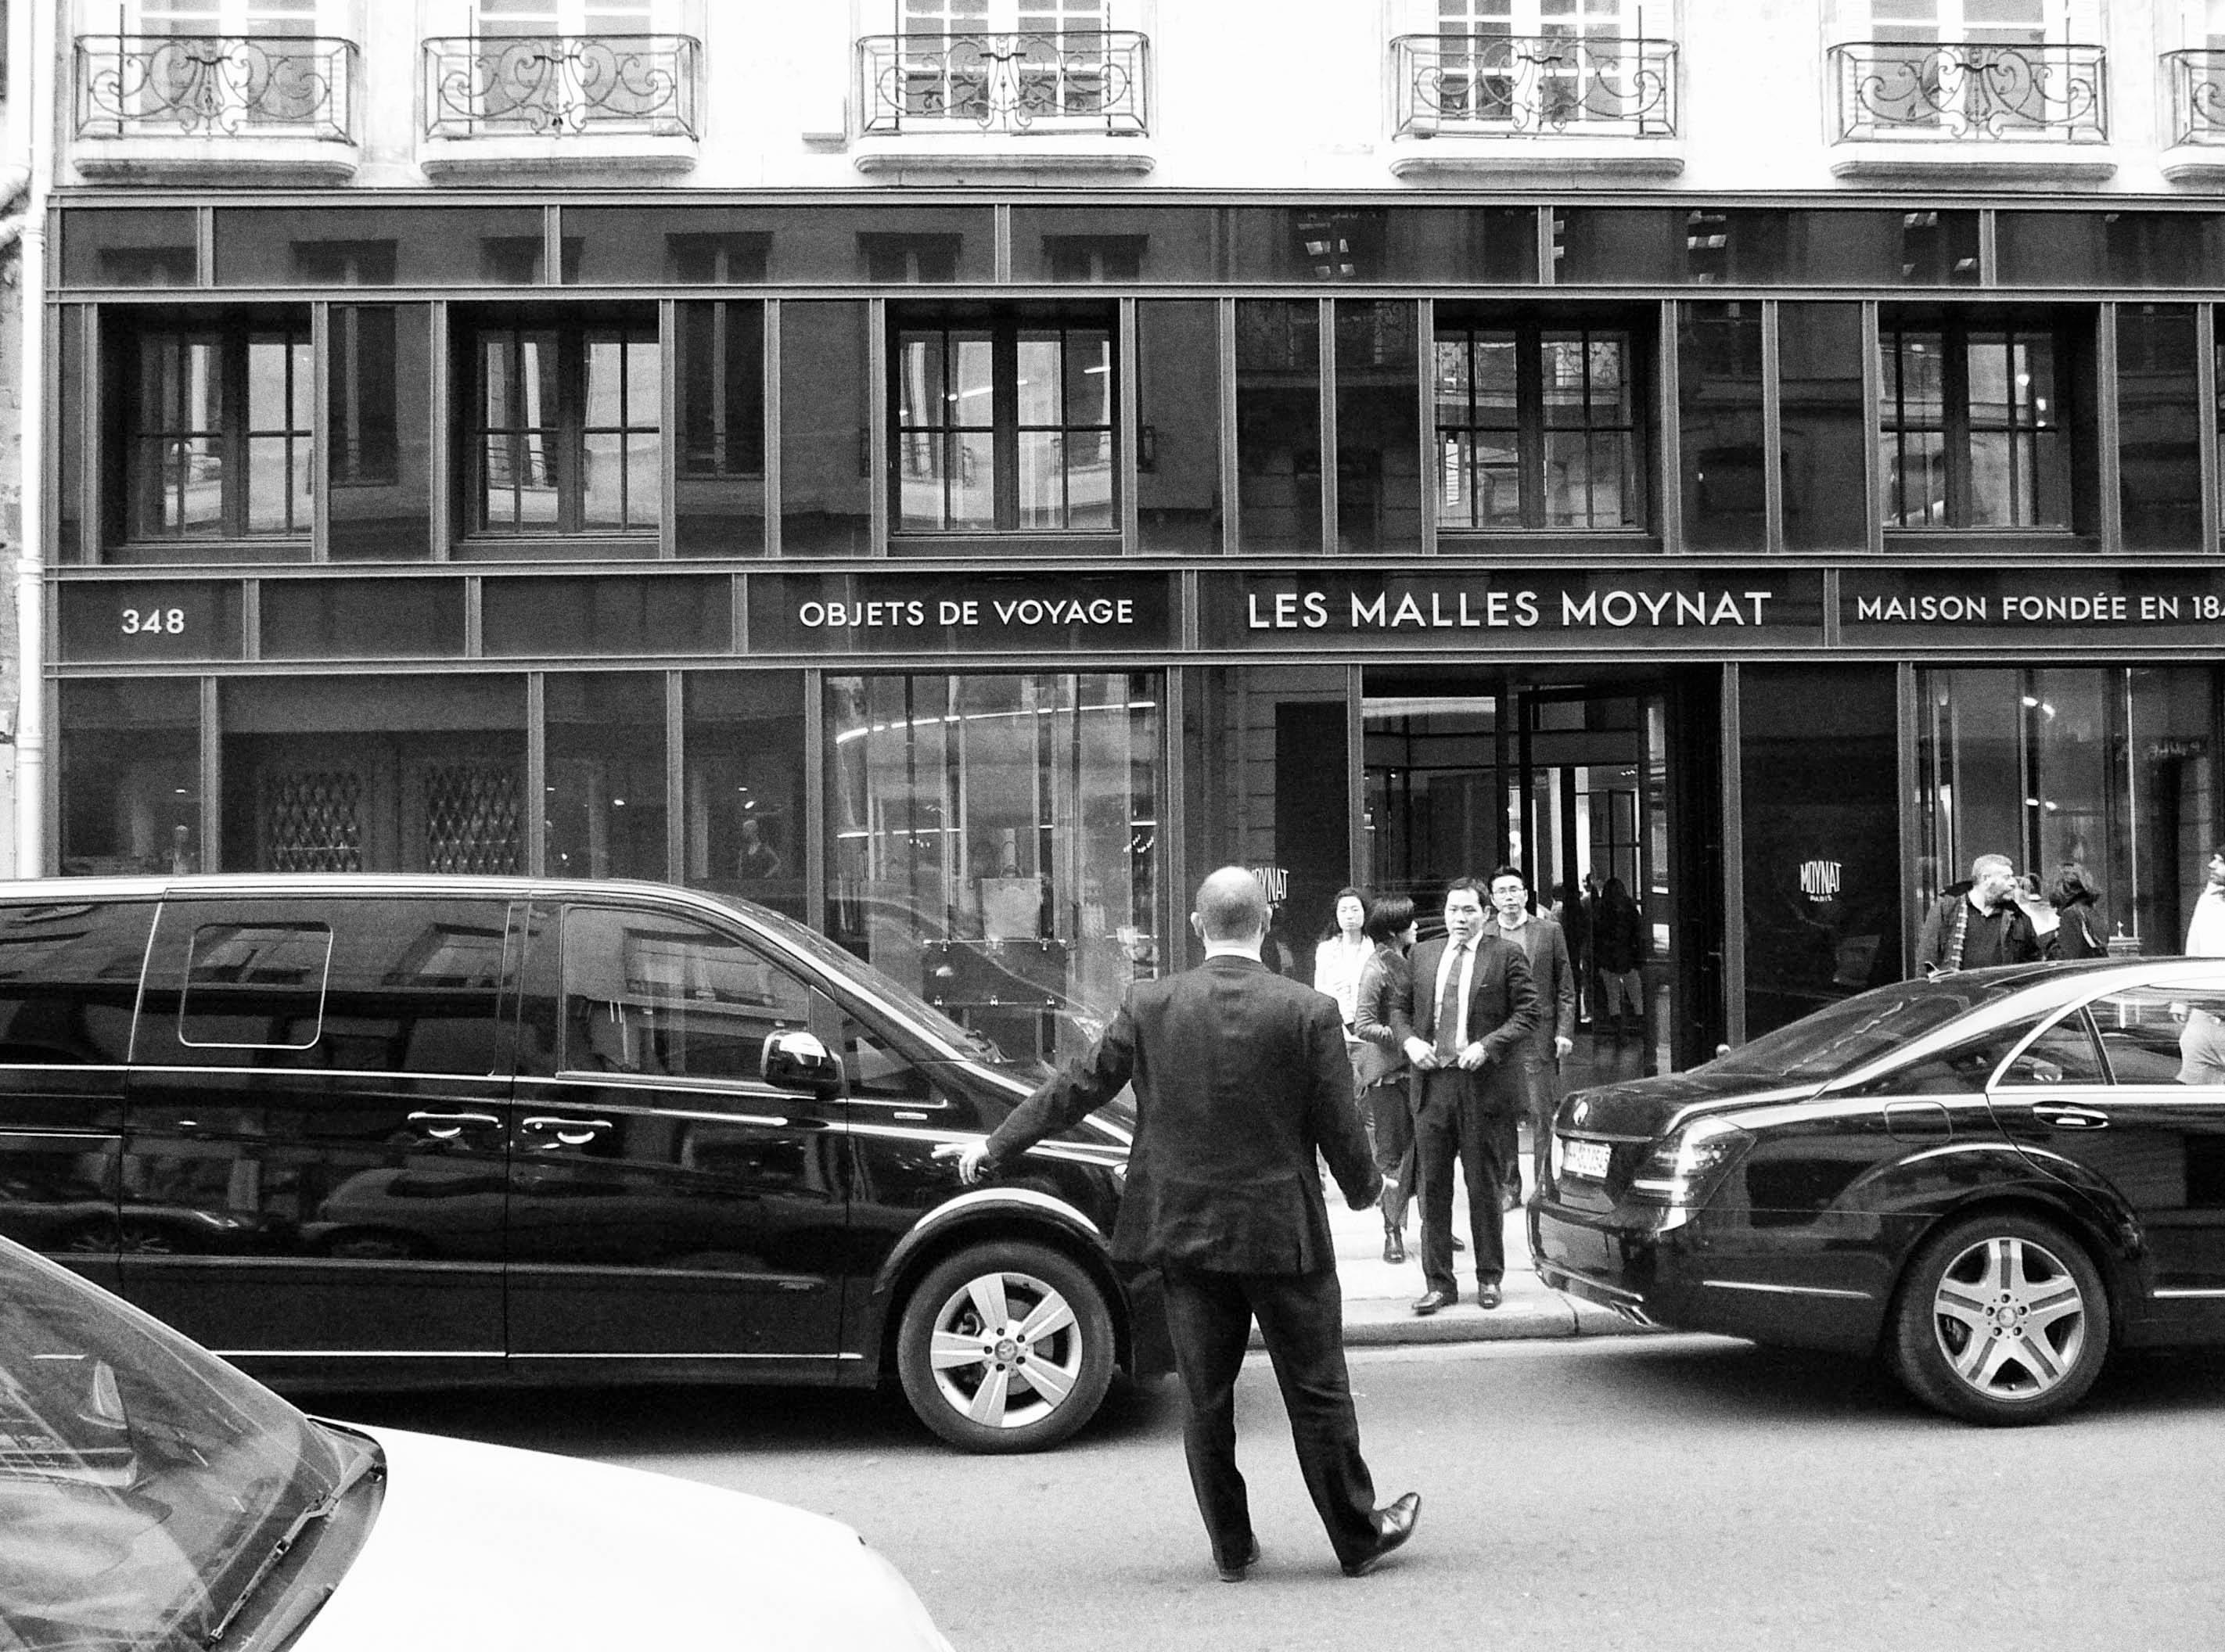 PHOTOGRAPHIER PARIS, LES TOURISTES CHINOIS, LE SHOPING